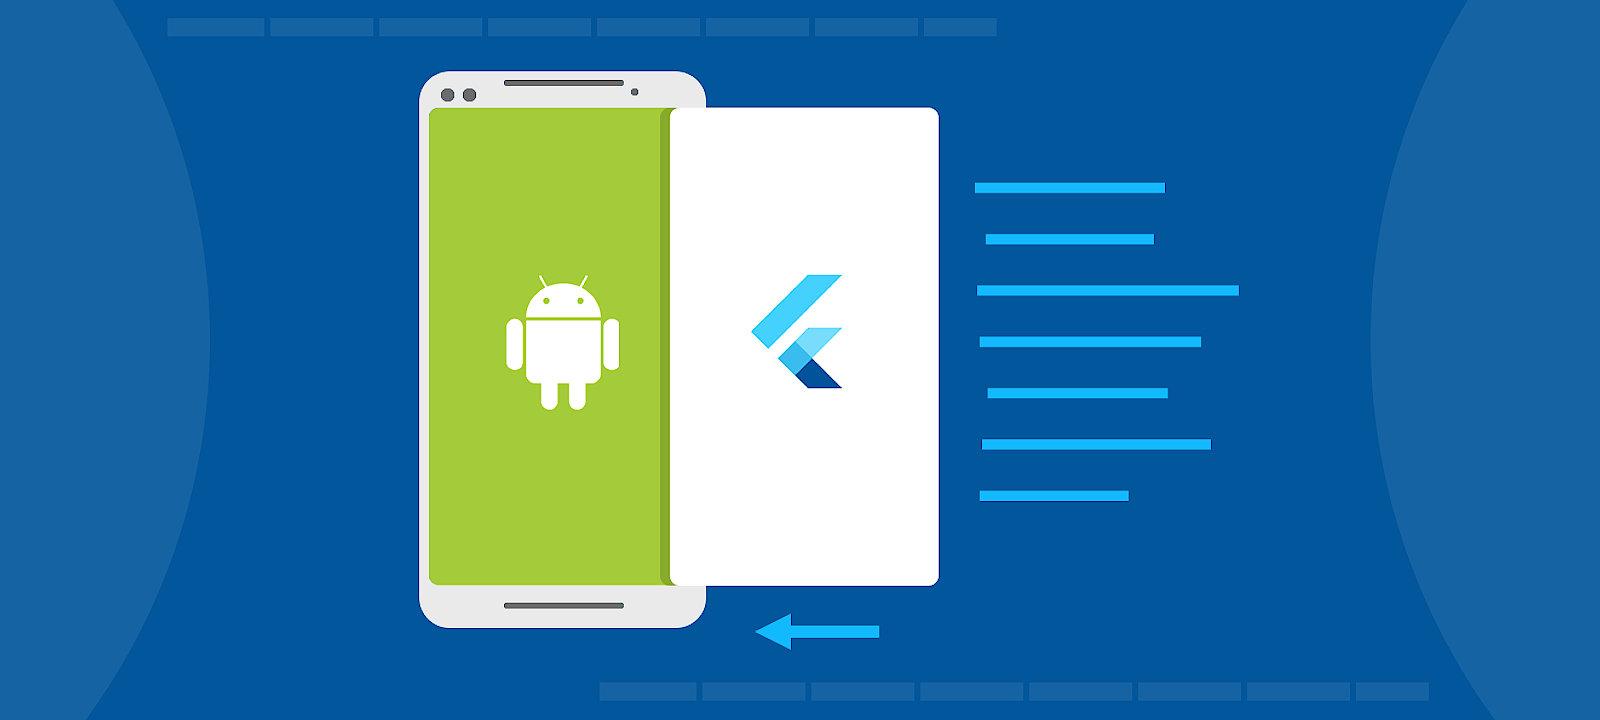 Android: реверс-инжиниринг Flutter-приложения